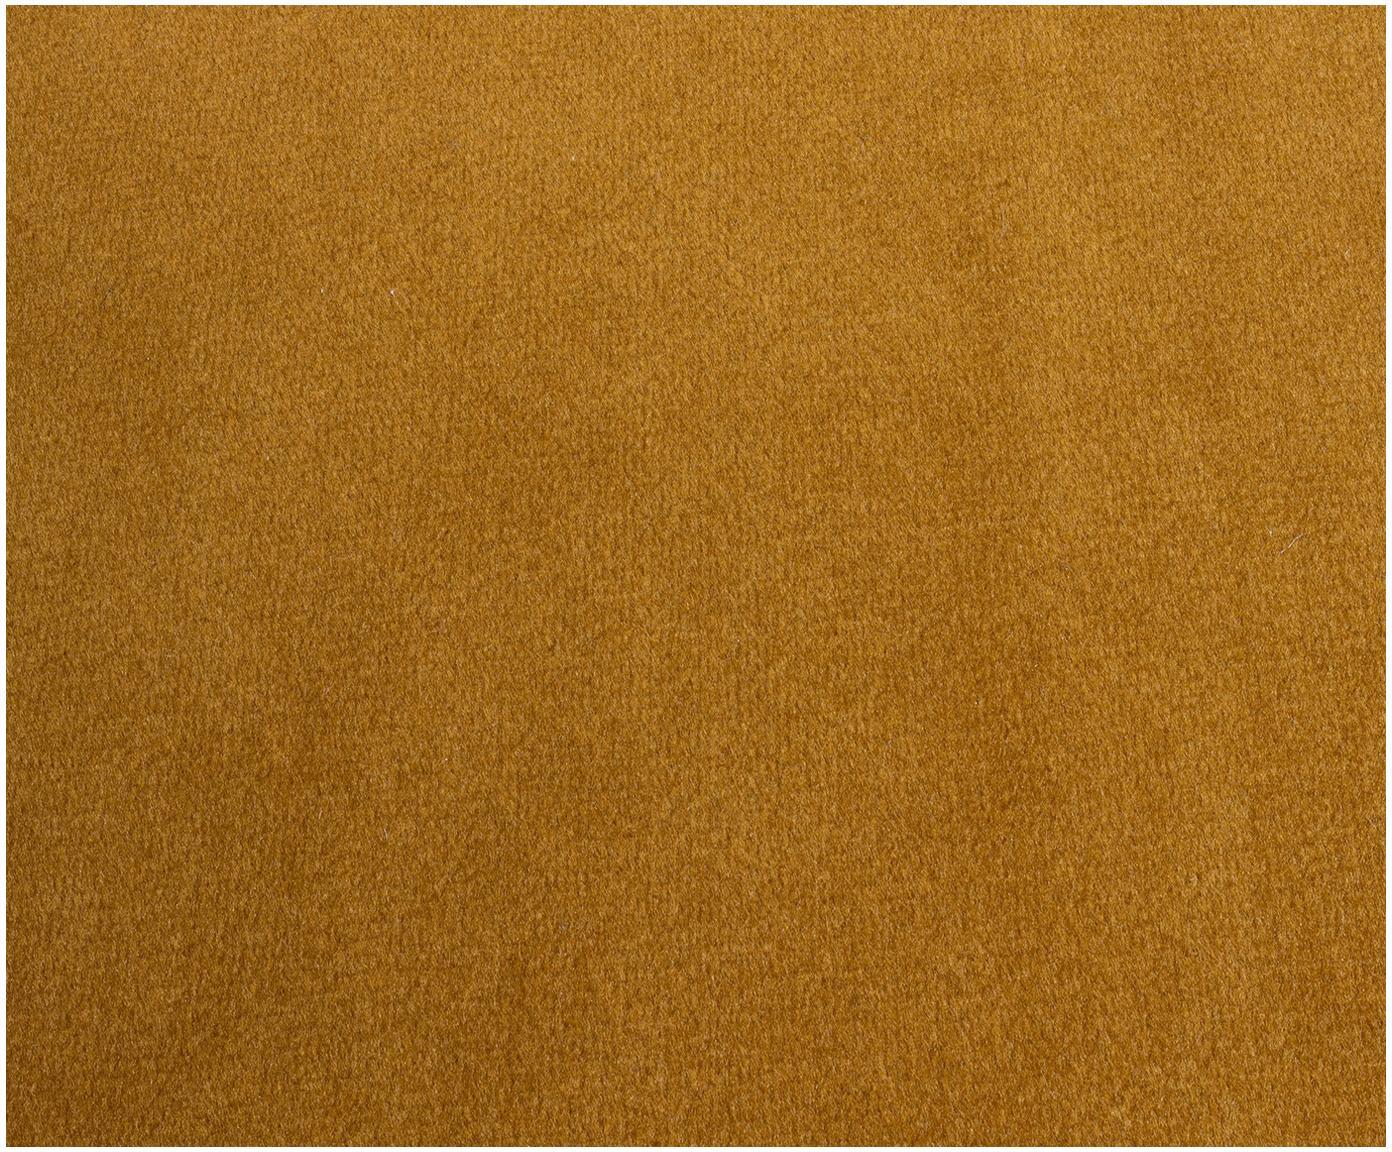 Sofa narożna z aksamitu Saint (3-osobowa), Tapicerka: aksamit (poliester) 3500, Stelaż: lite drewno dębowe, płyta, Musztardowy aksamit, S 243 x G 220 cm